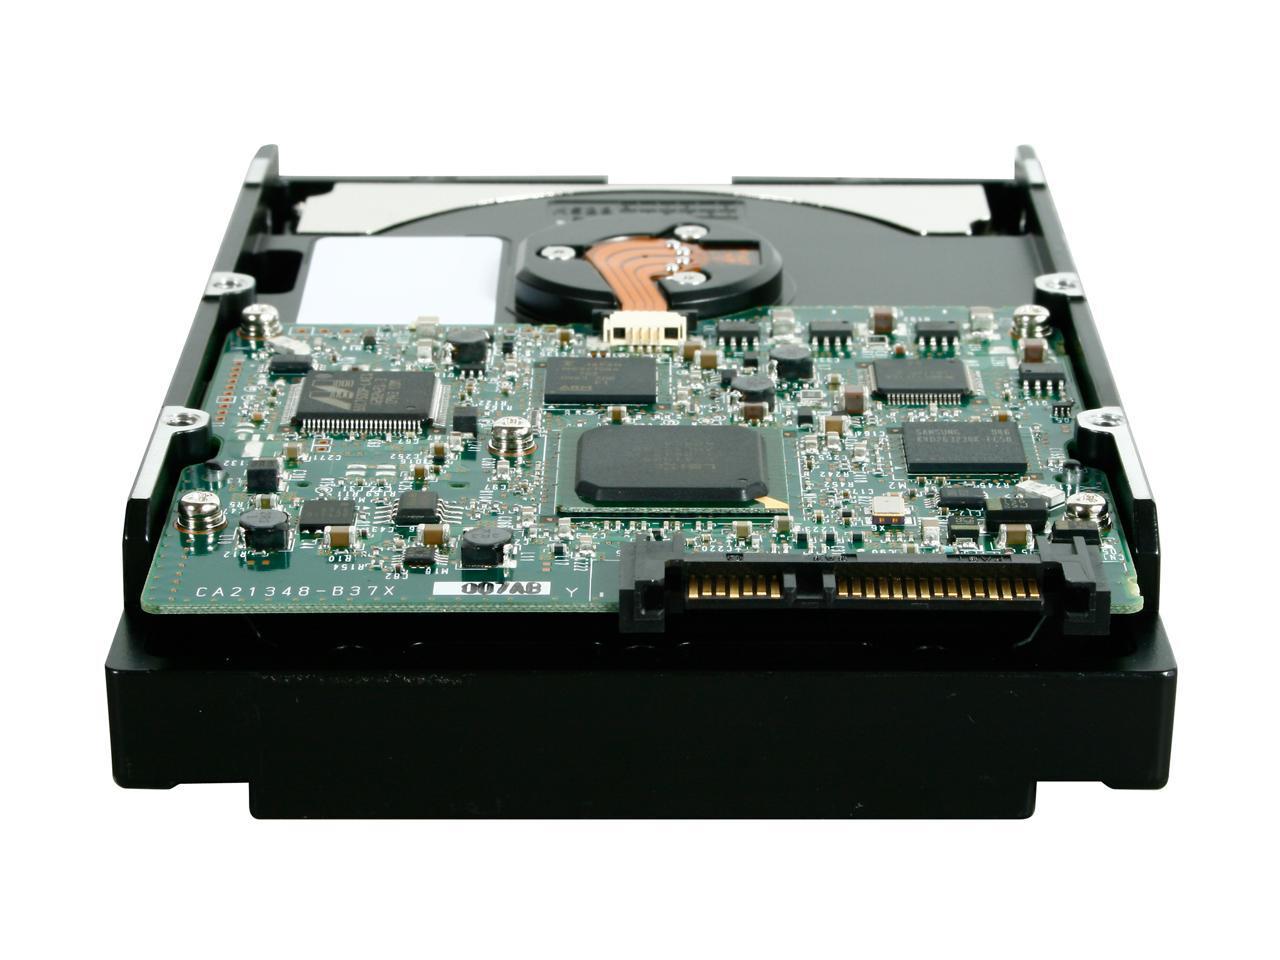 Mat3147np Fujitsu 147Gb 10000Rpm Ultra-320 Hard Drive